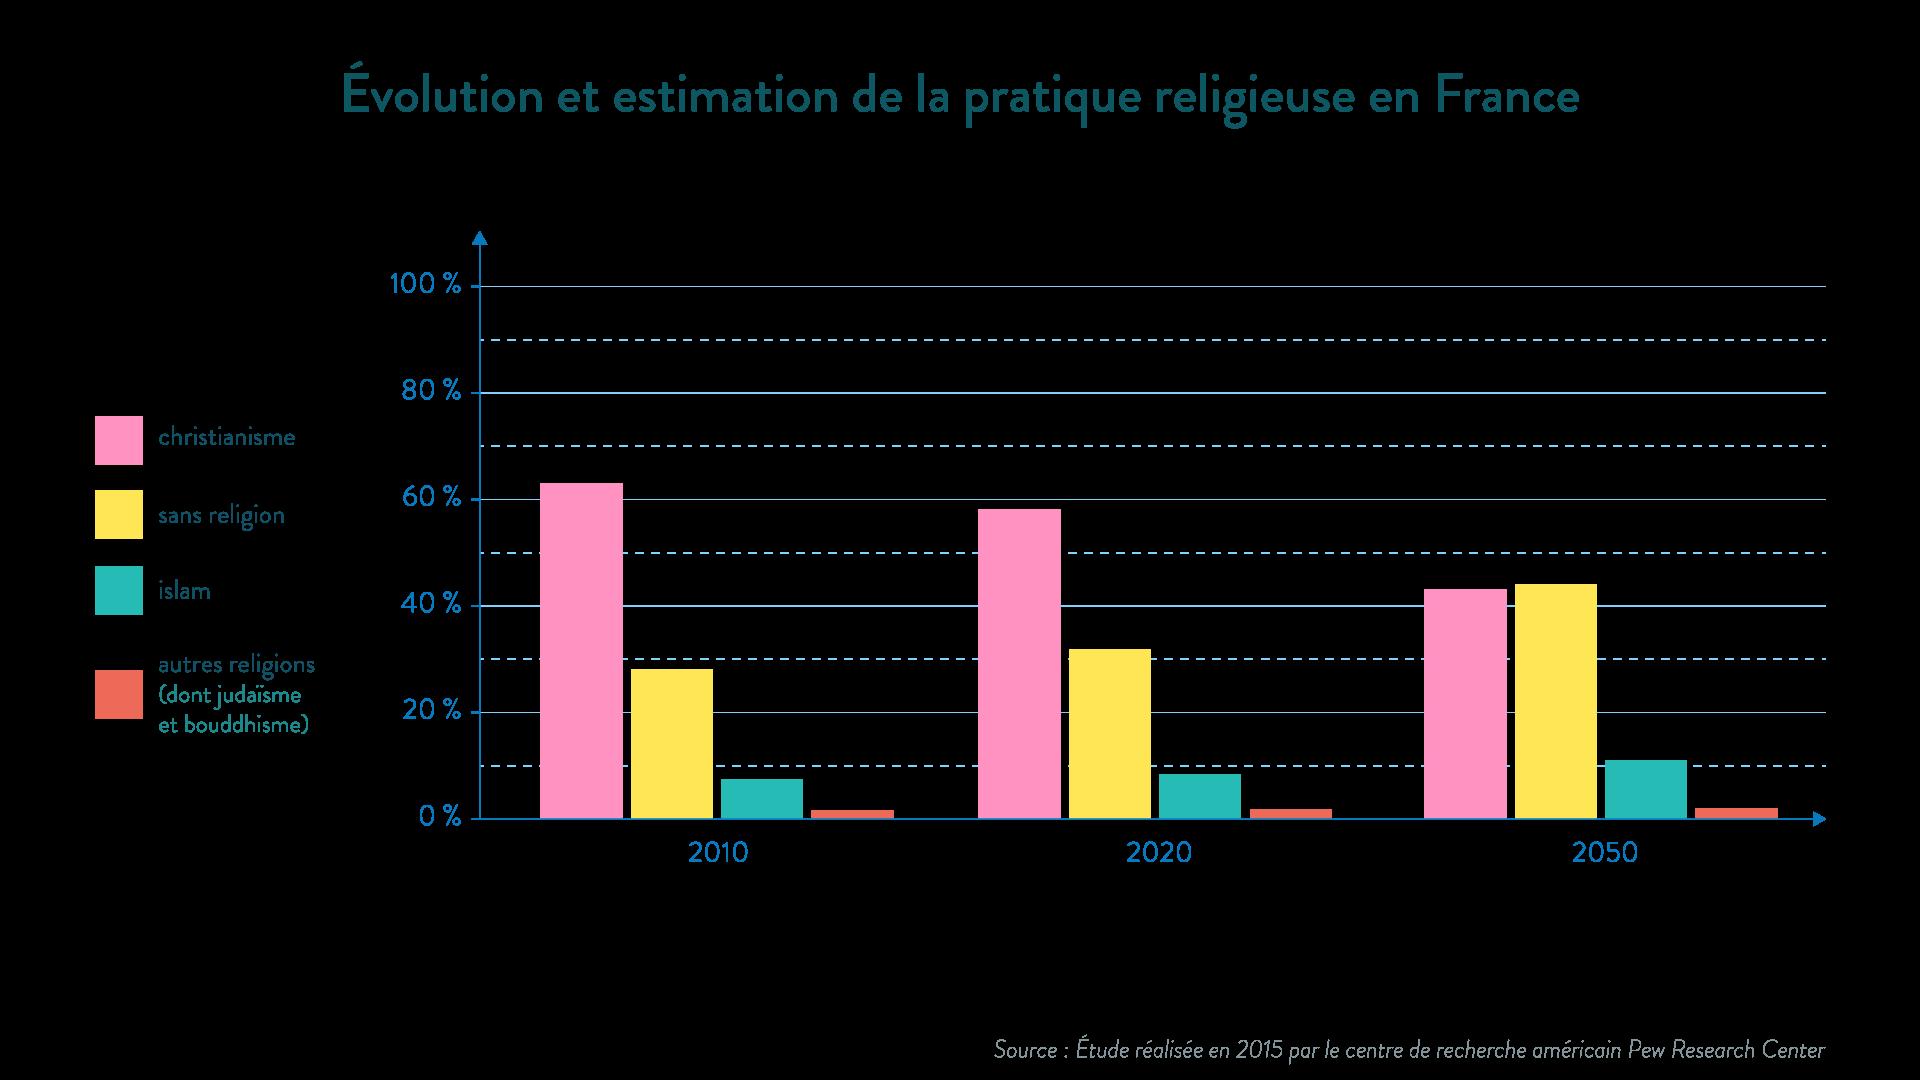 religions pratique religieuse France